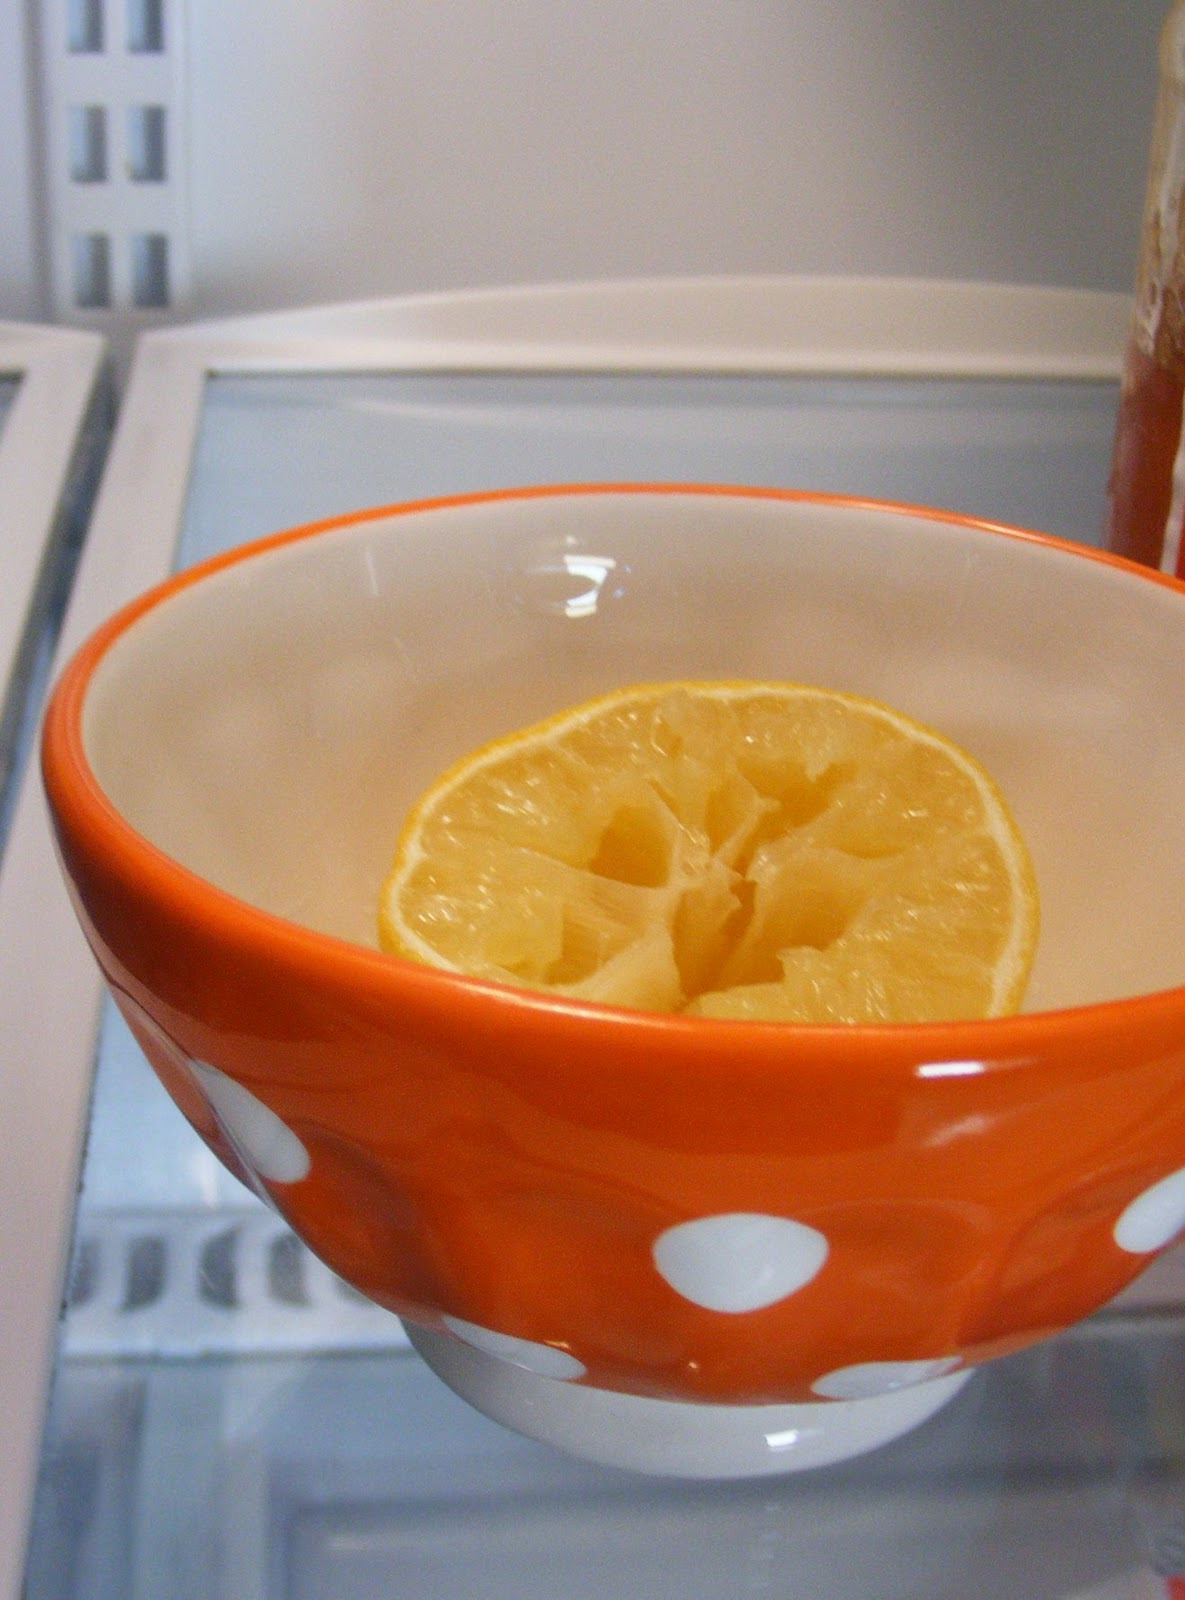 lemon to freshen fridge